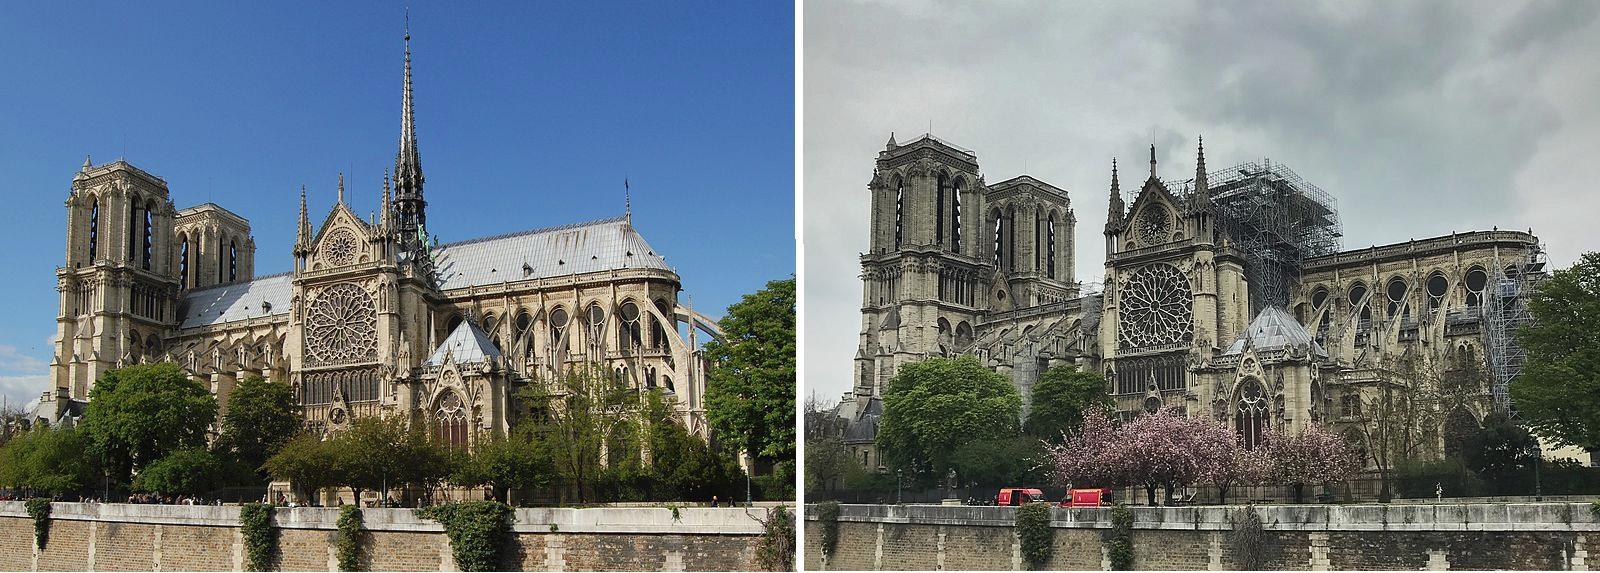 Η Παναγία των Παρισίων πριν και μετά την πυρκαγιά